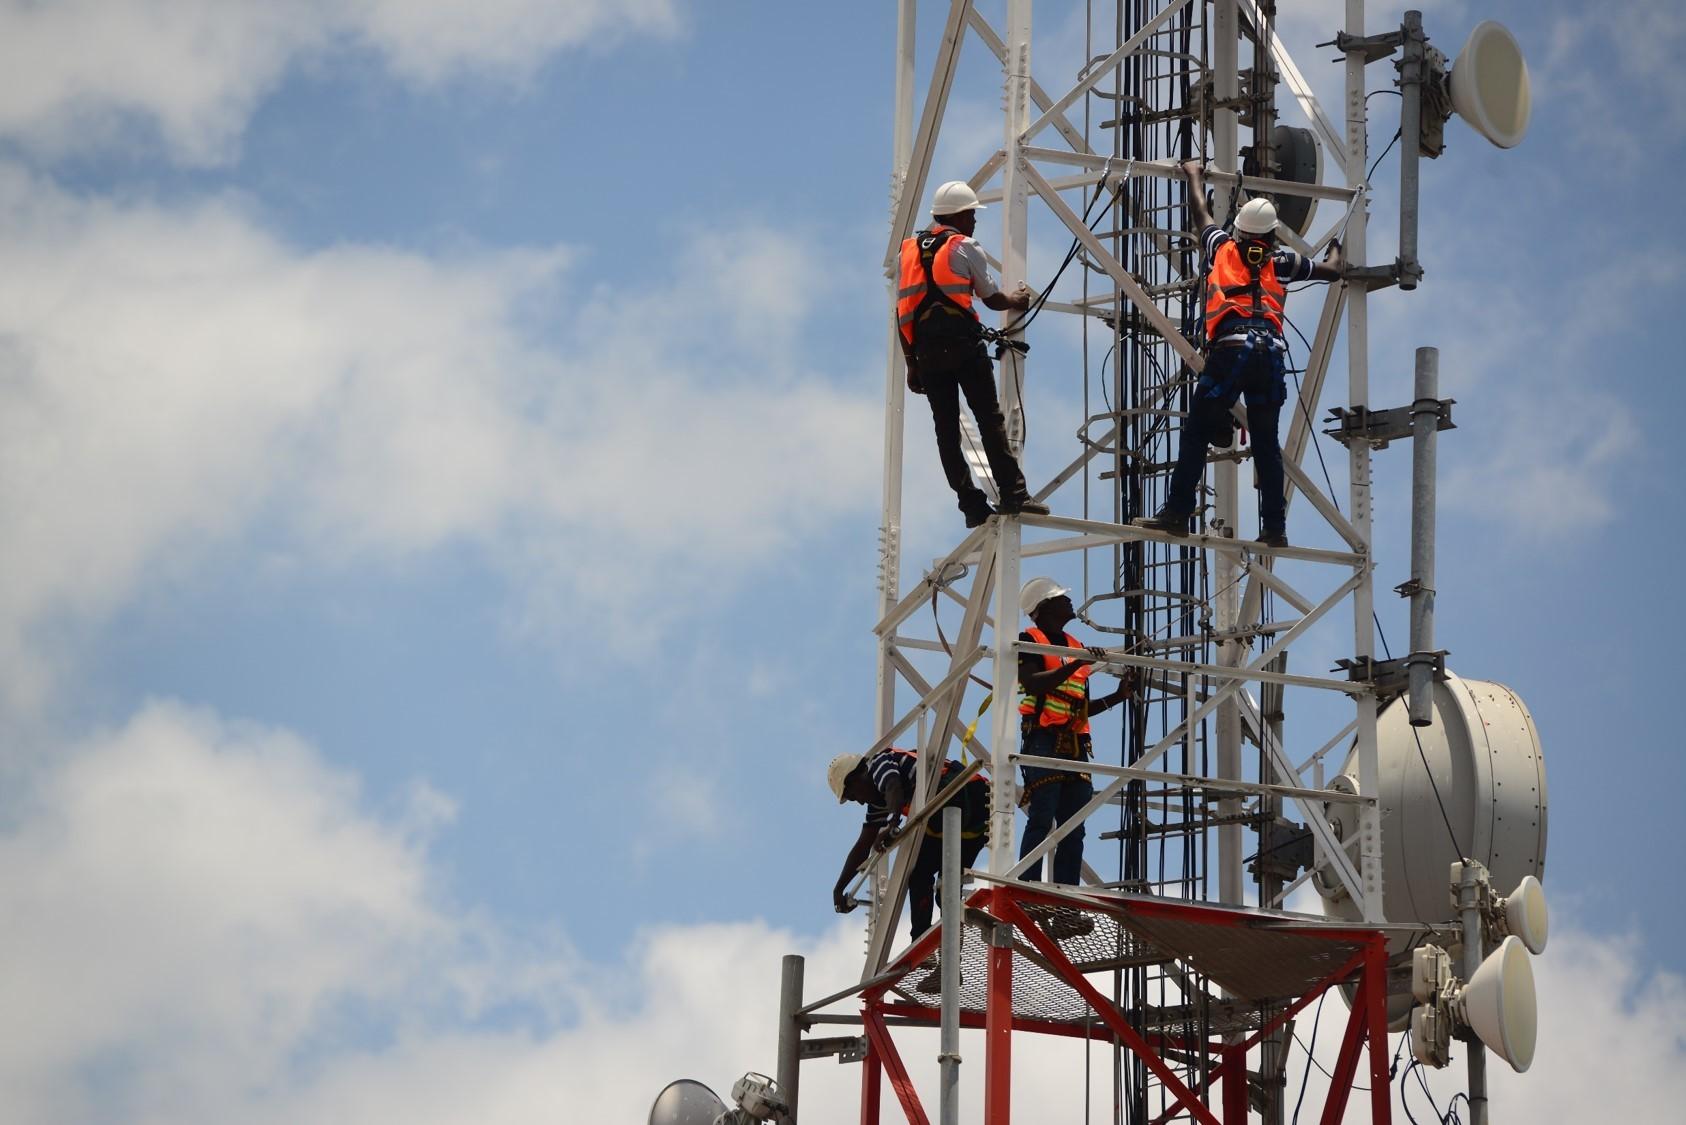 برج محمول تابع لشركة أورنج